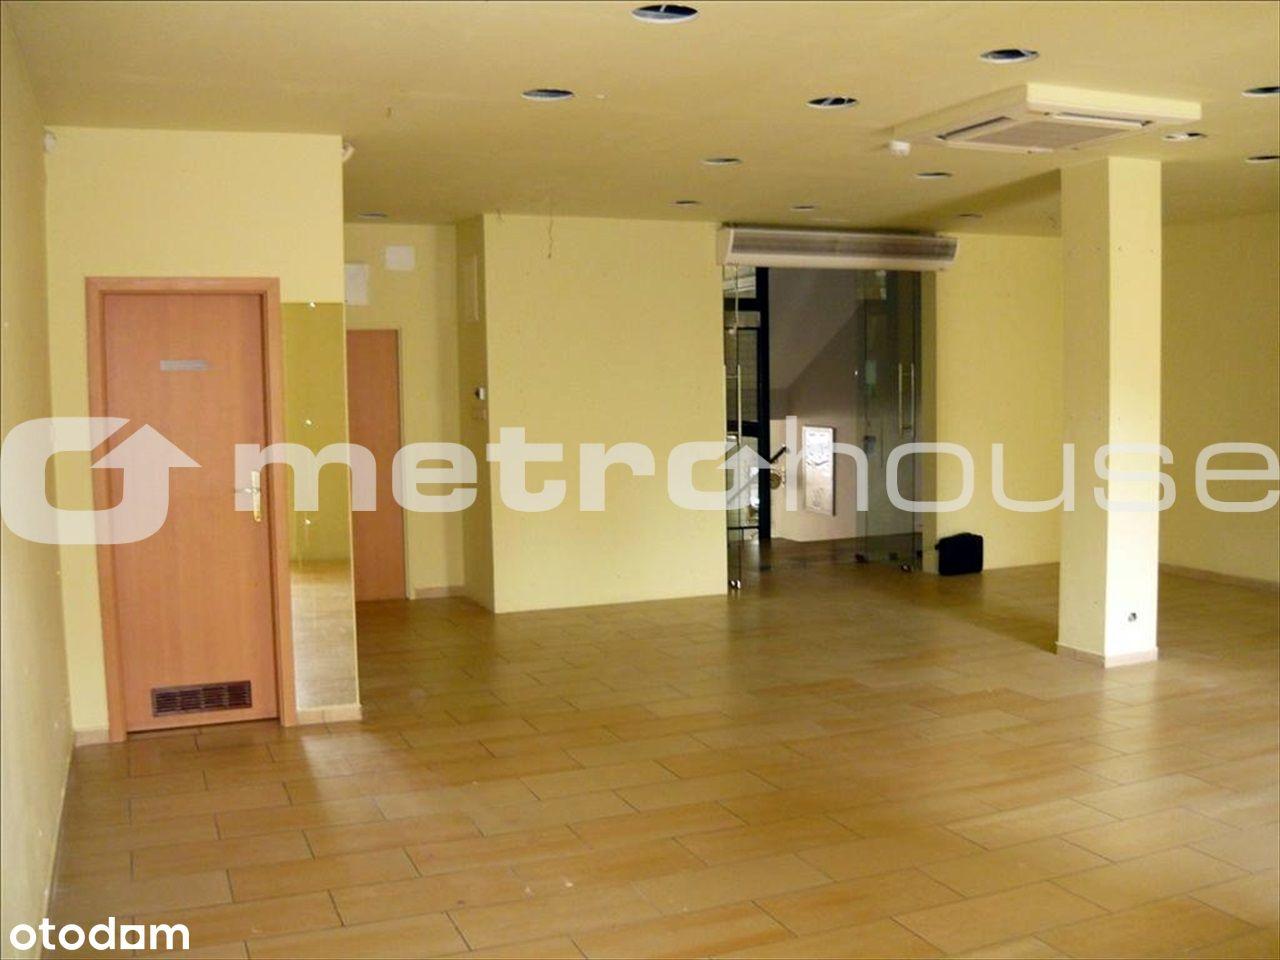 Lokal użytkowy, 370 m², Olsztyn